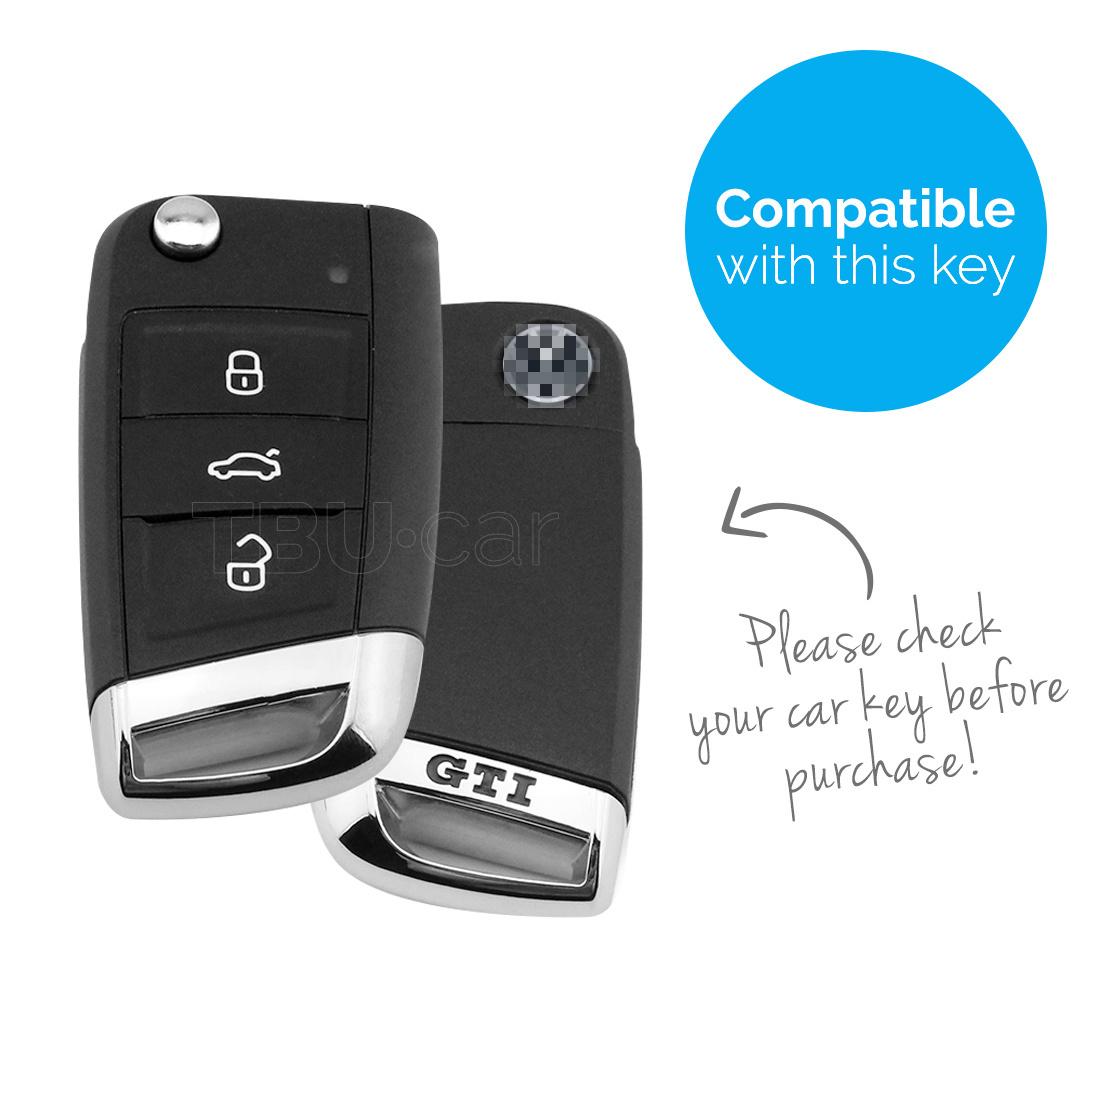 TBU car TBU car Sleutel cover compatibel met VW - Silicone sleutelhoesje - beschermhoesje autosleutel - Wit